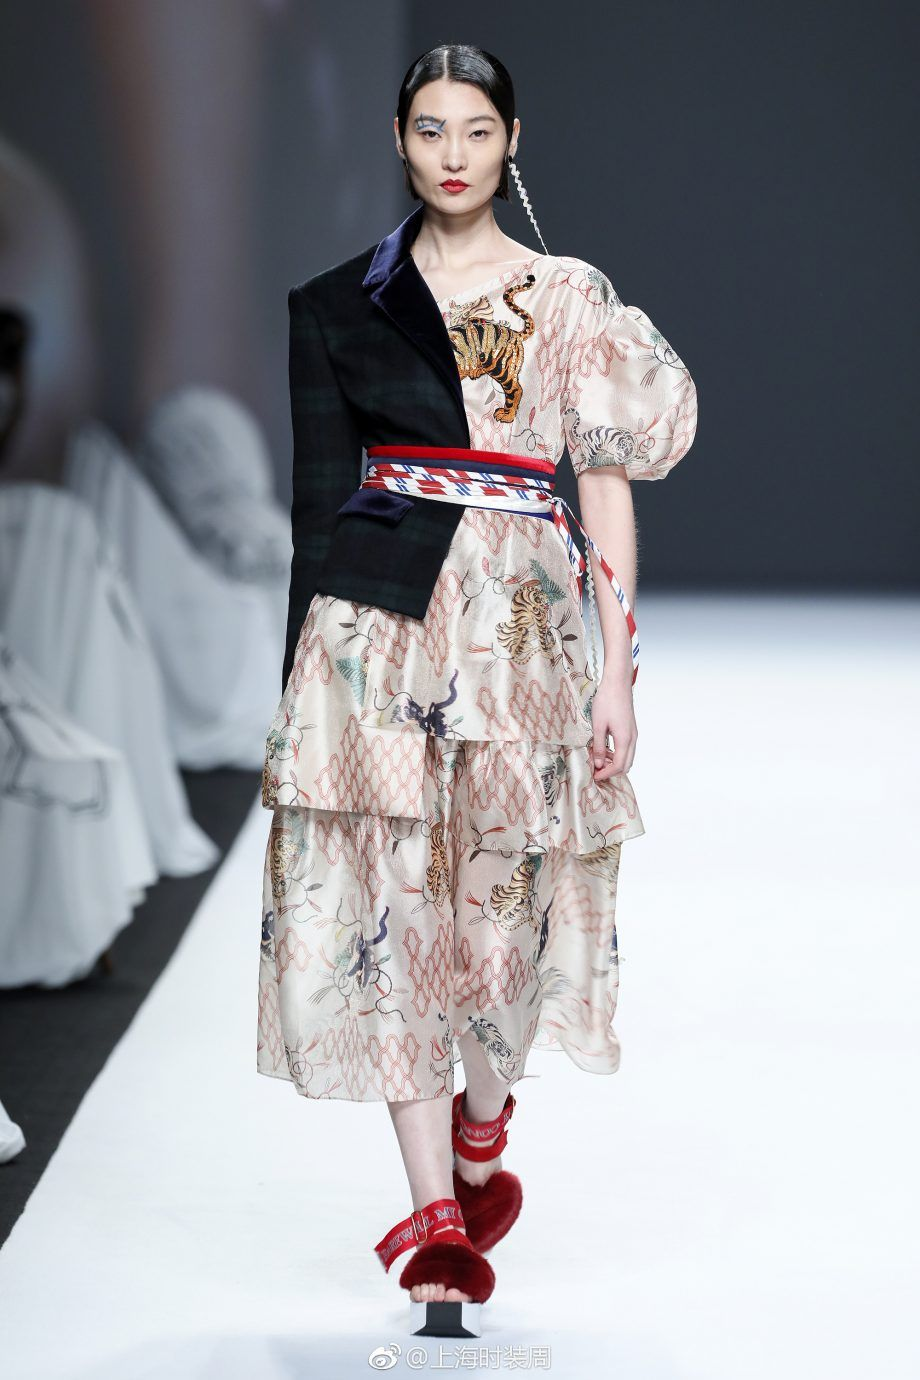 MUKZIN 密扇 Fall/Winter 2017 Fashion, Red fashion, High